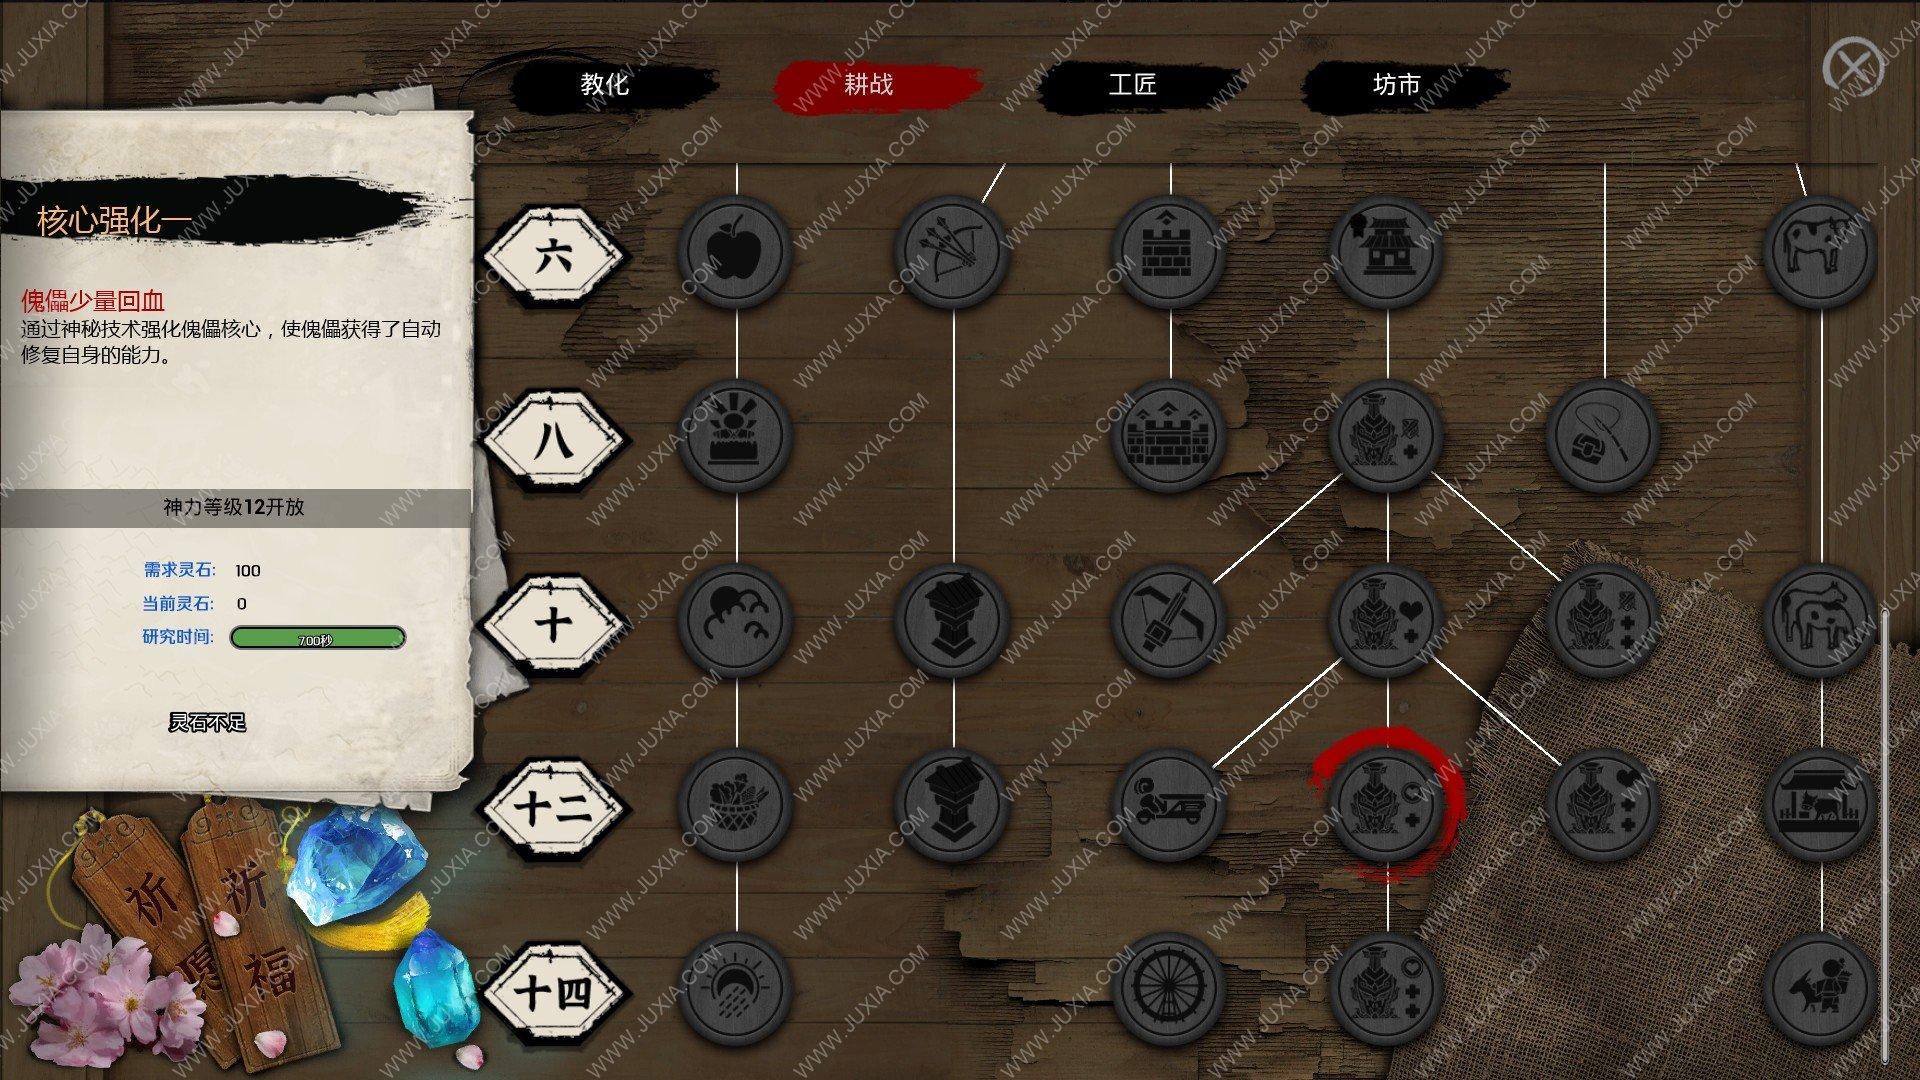 天神镇游戏攻略后期武器维护篇 核心强化一的收益高么